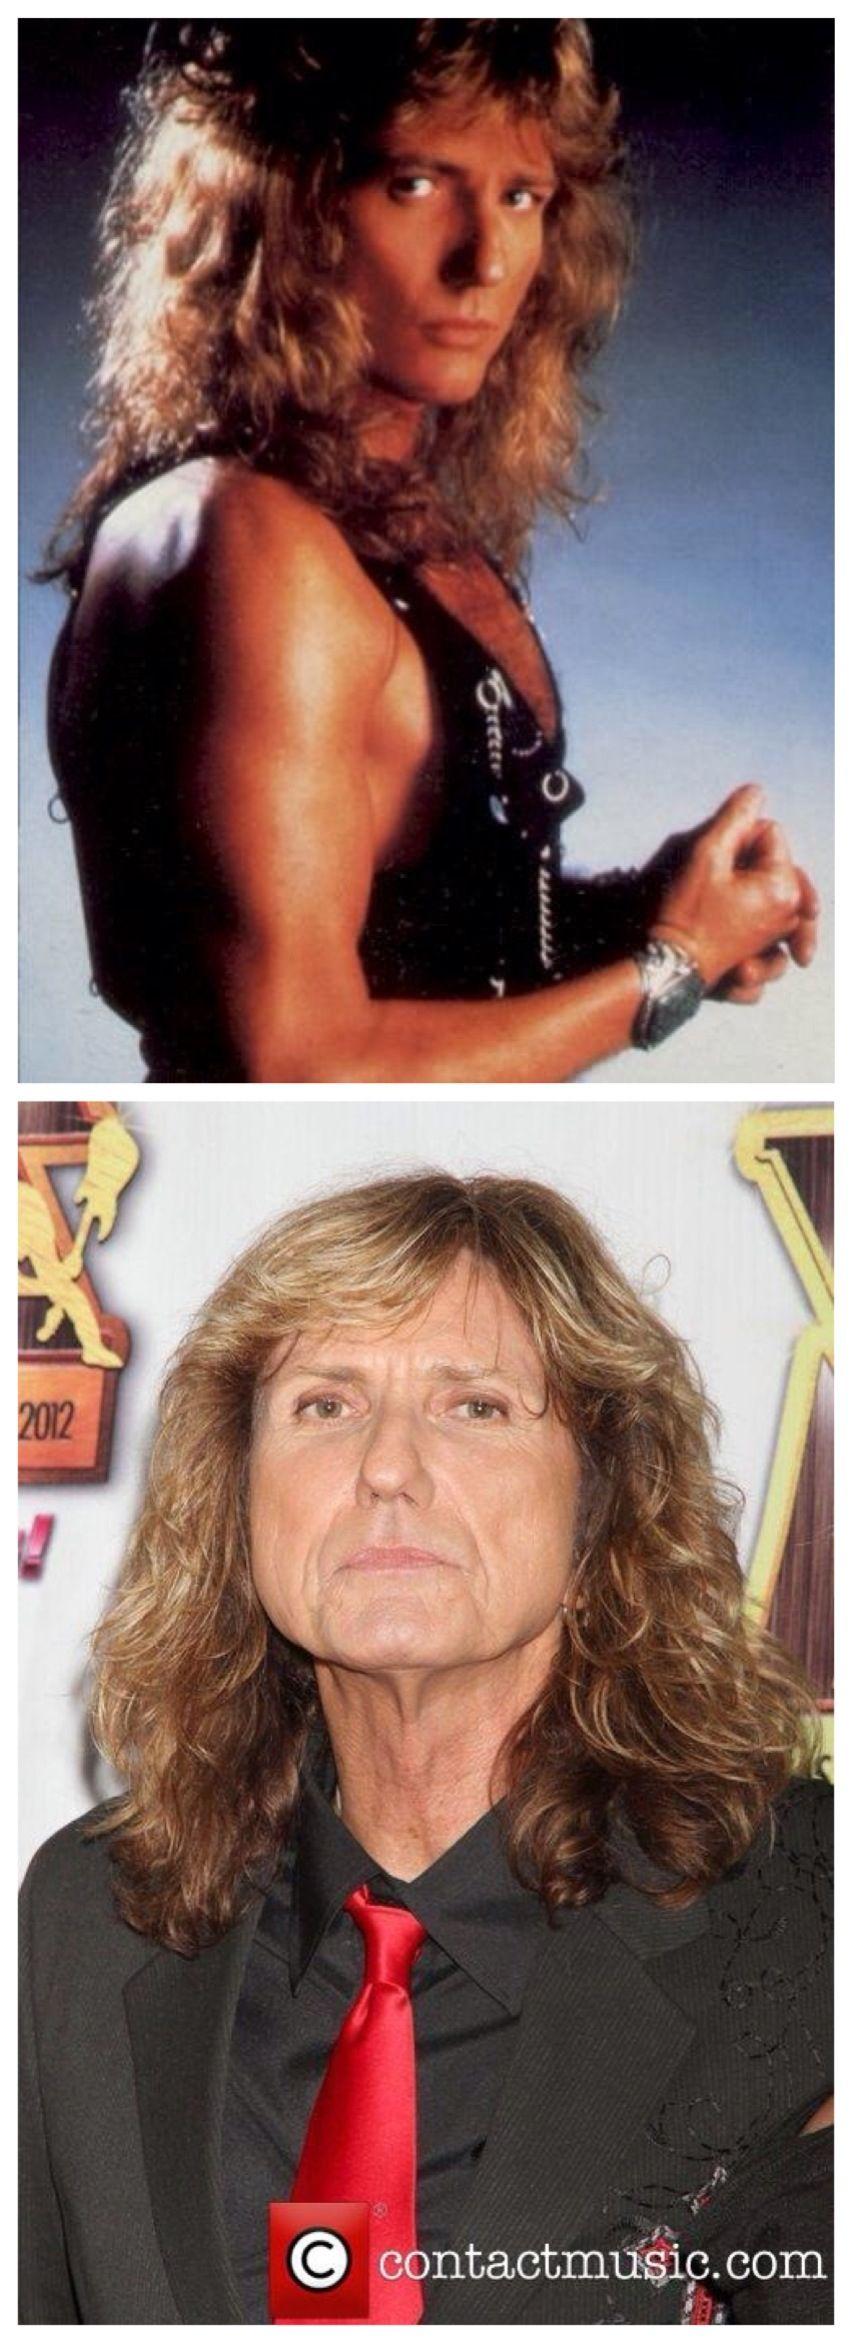 Whitesnake Lead Singer 1000 Images About Whitesnake On Pinterest Don39t Judge Me Deep